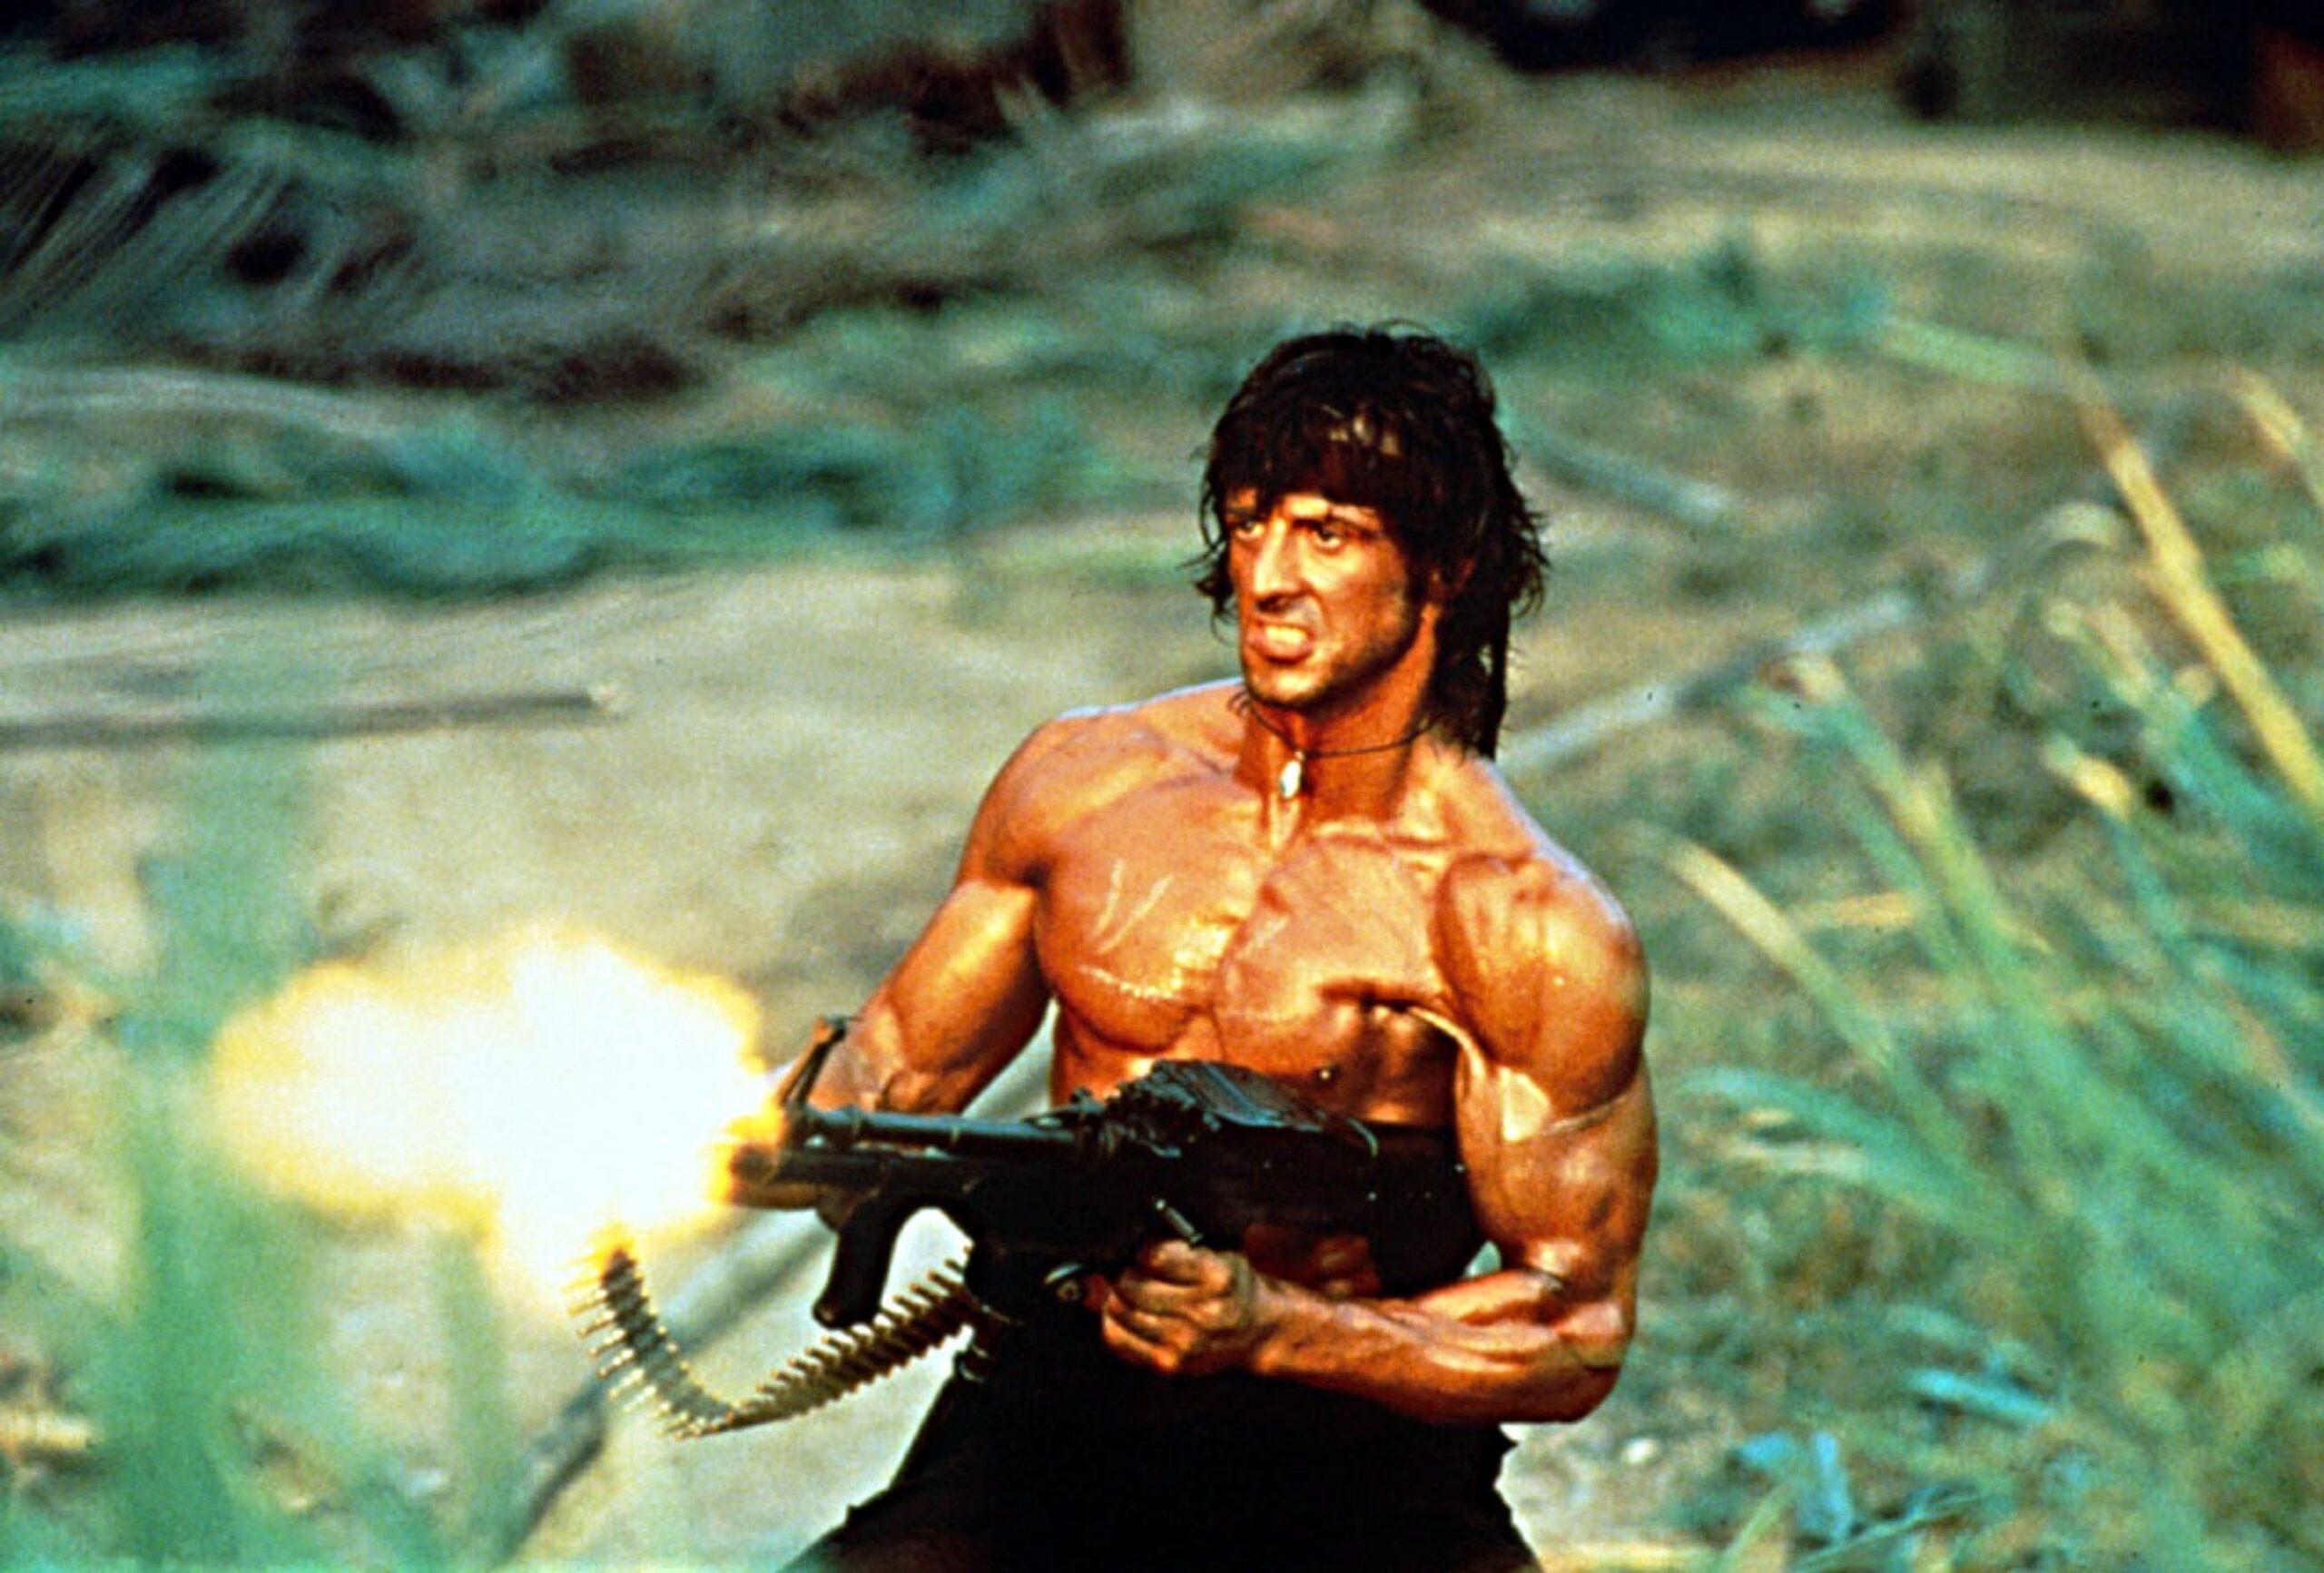 Il successore di Stallone nella parte di Rambo